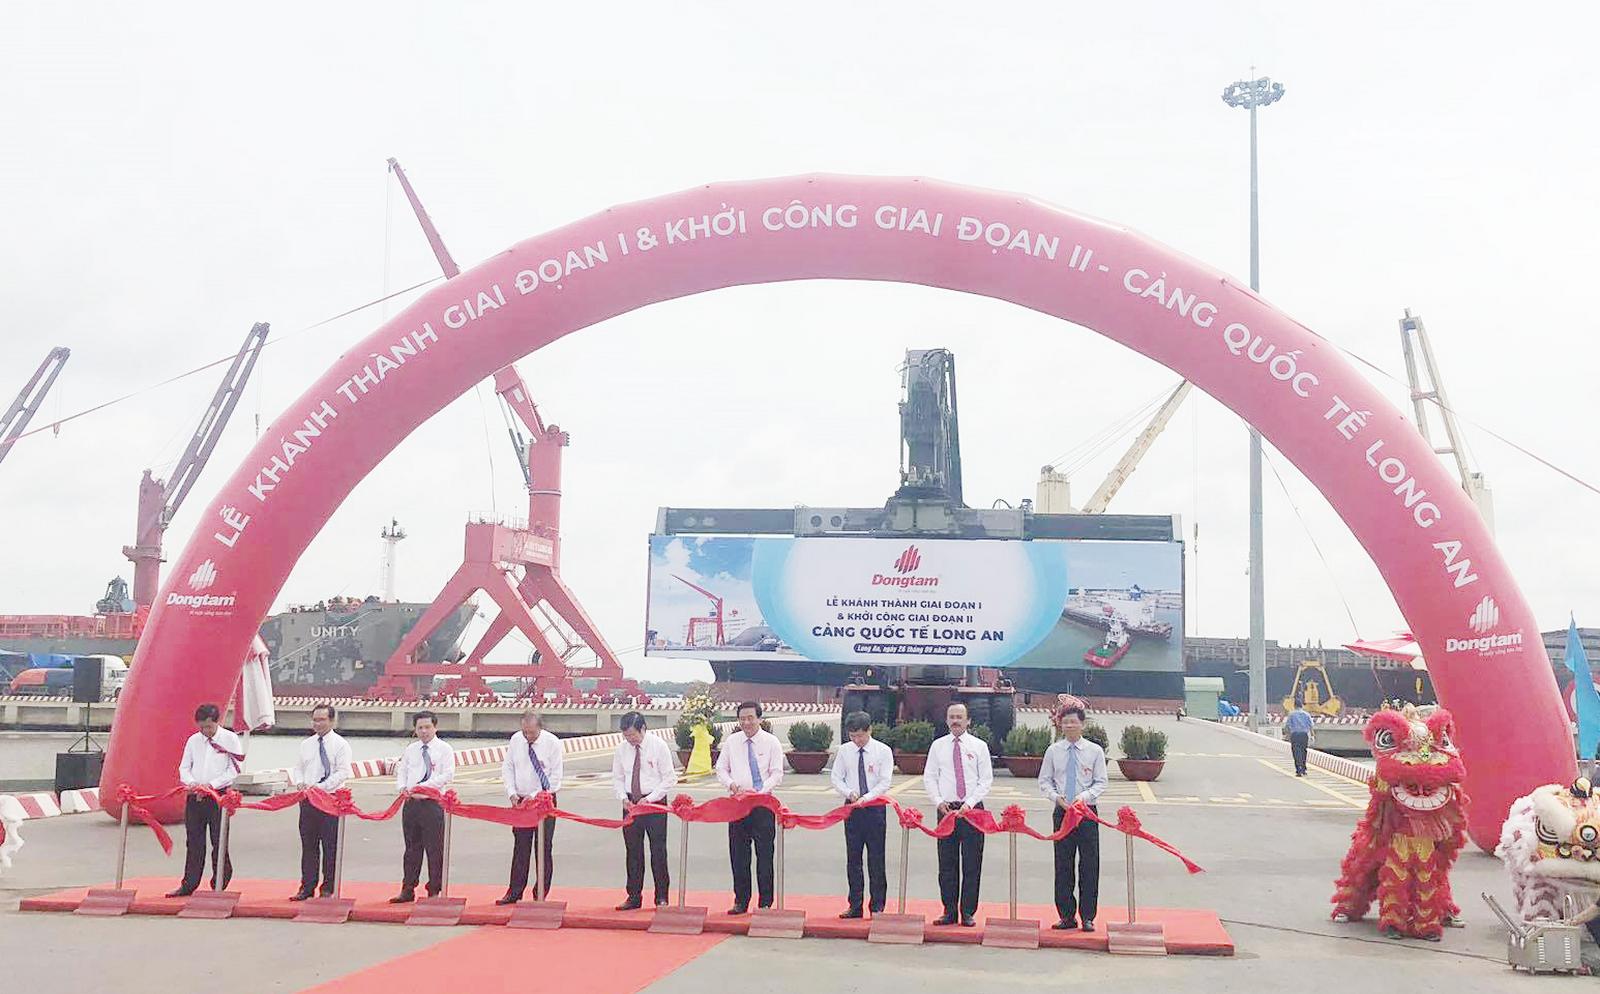 DTG: Khởi công Cảng quốc tế Long An giai đoạn 2